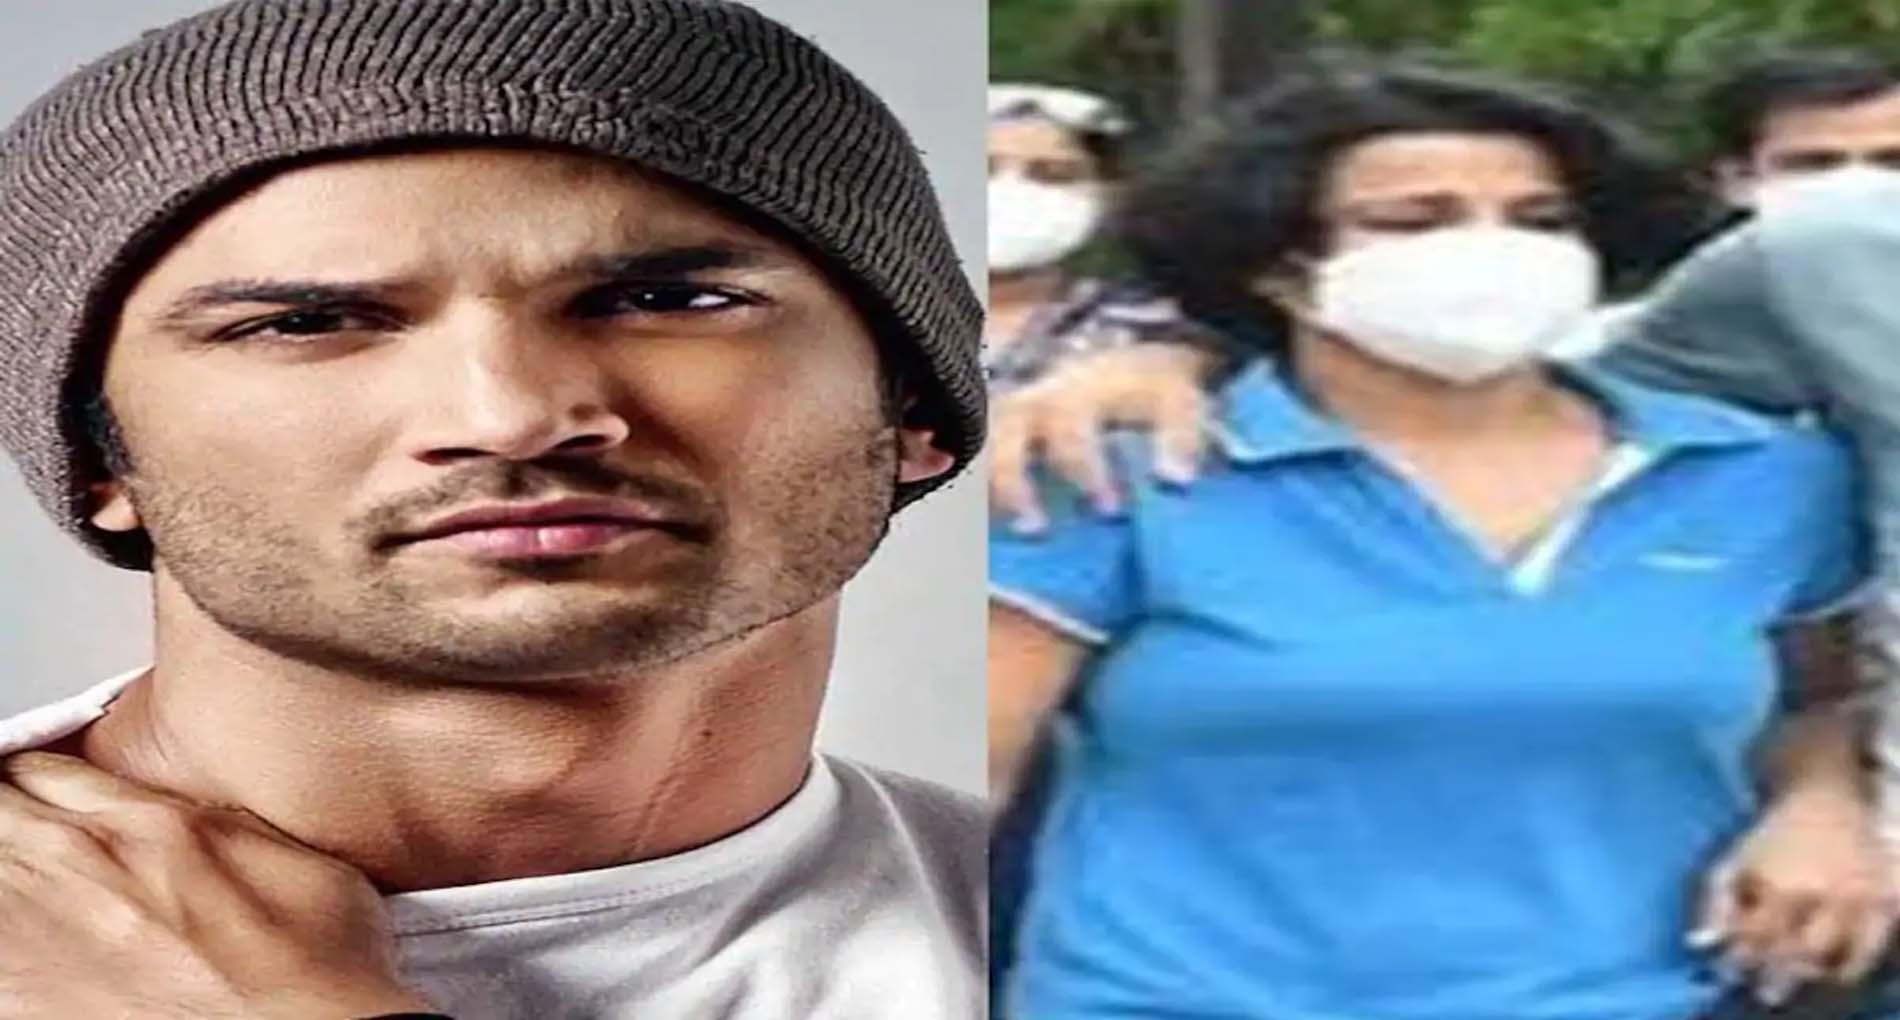 सुशांत सिंह राजपूत की बहन मीतू सिंह का बयान, '14 जून को किया था सुशांत को फोन'!